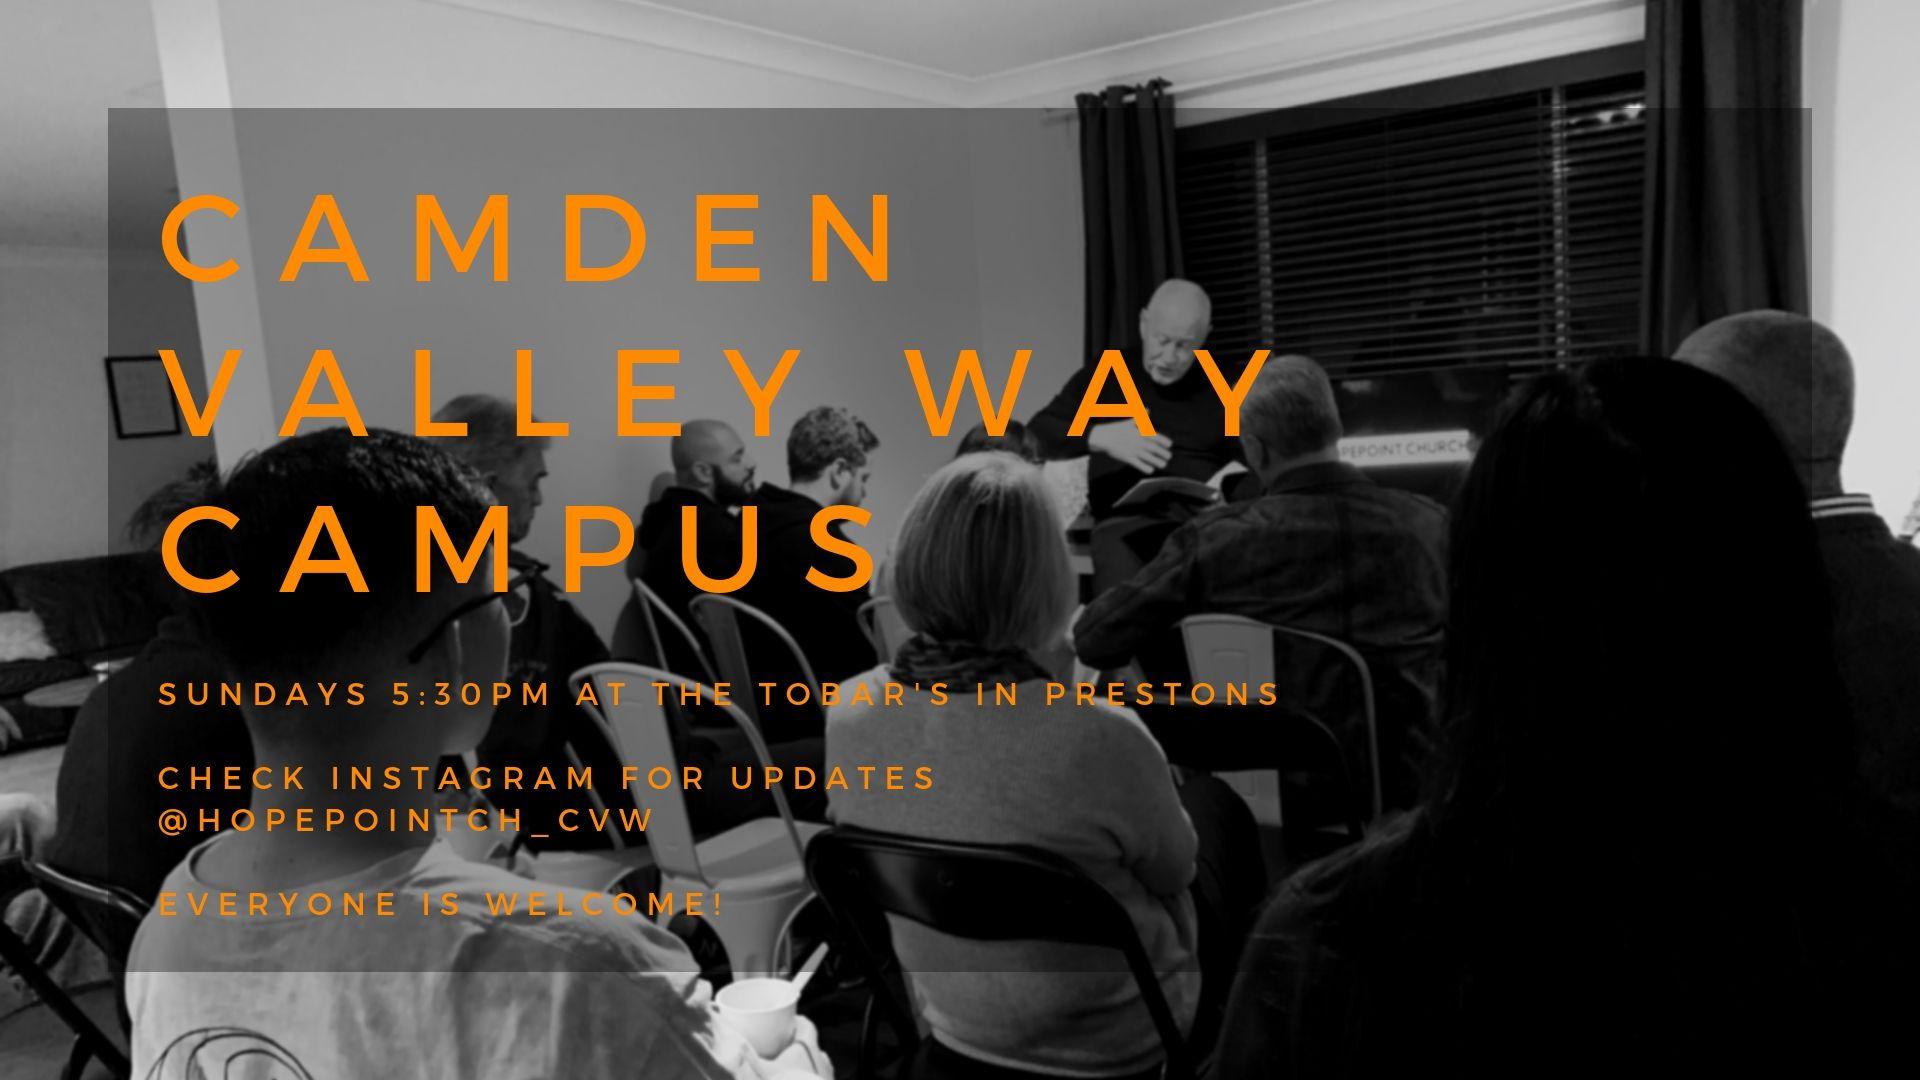 Mailchimp camden valley way campus.jpg